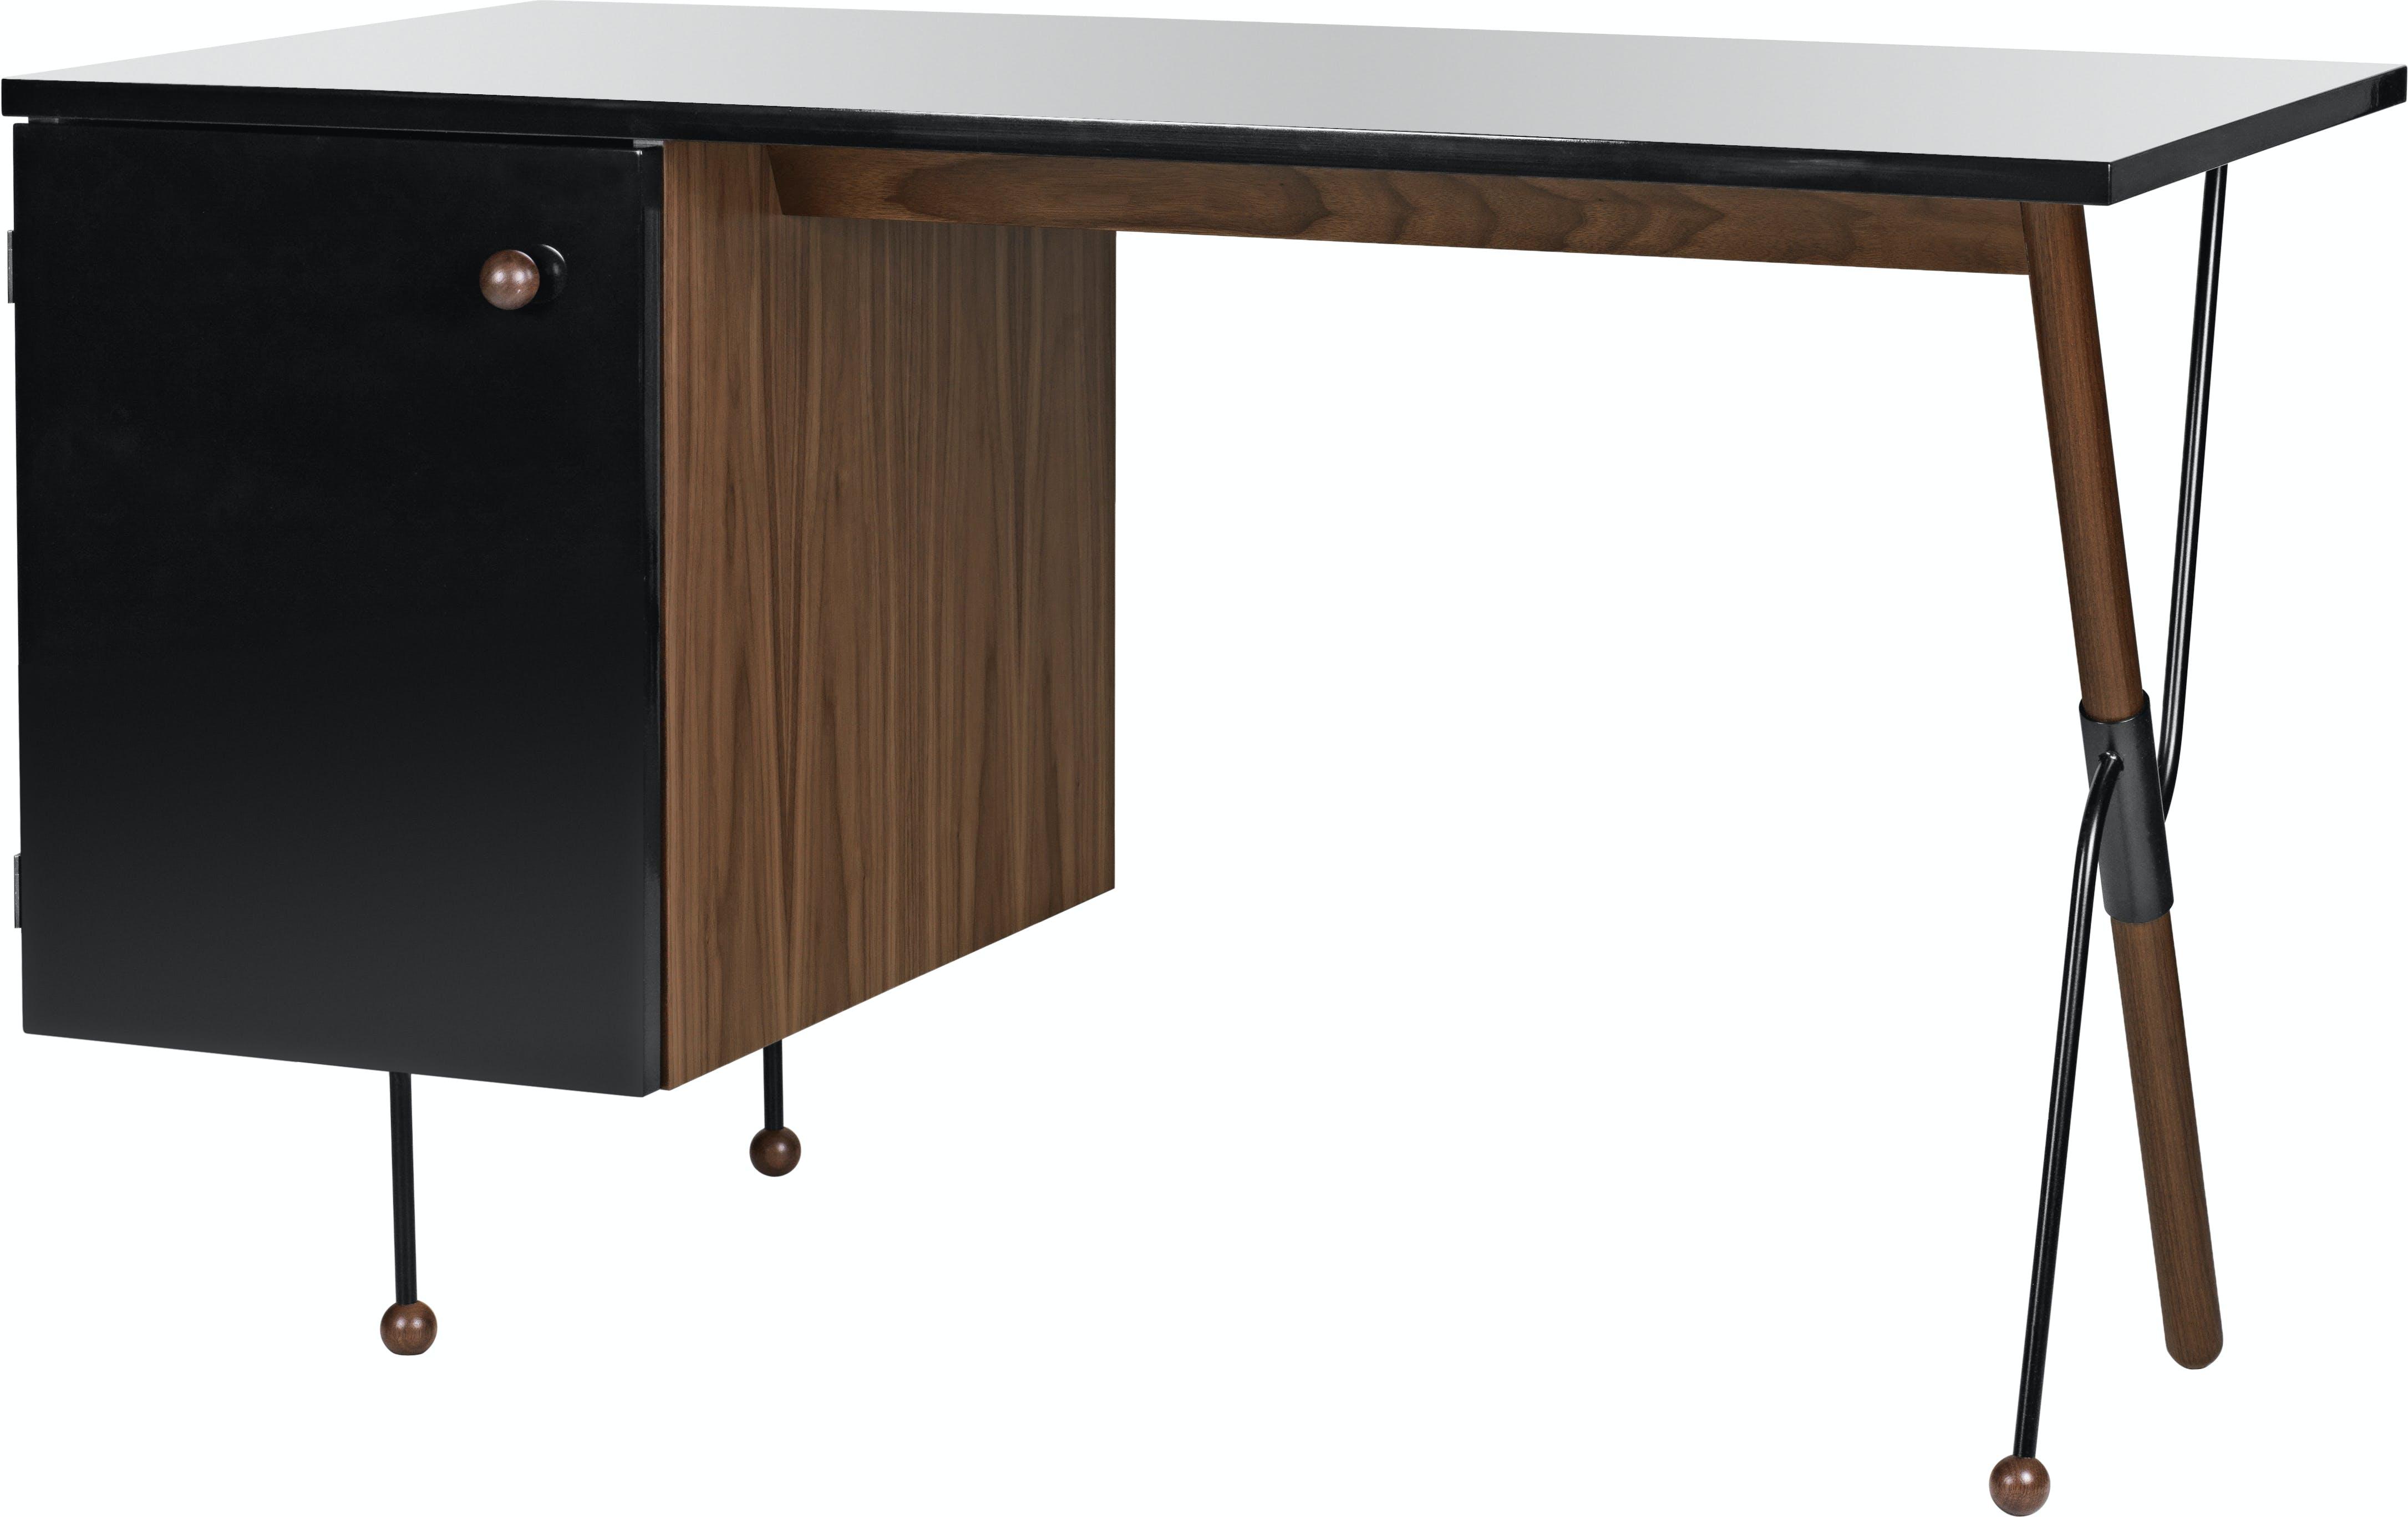 Gubi-62-desk-angle-haute-living